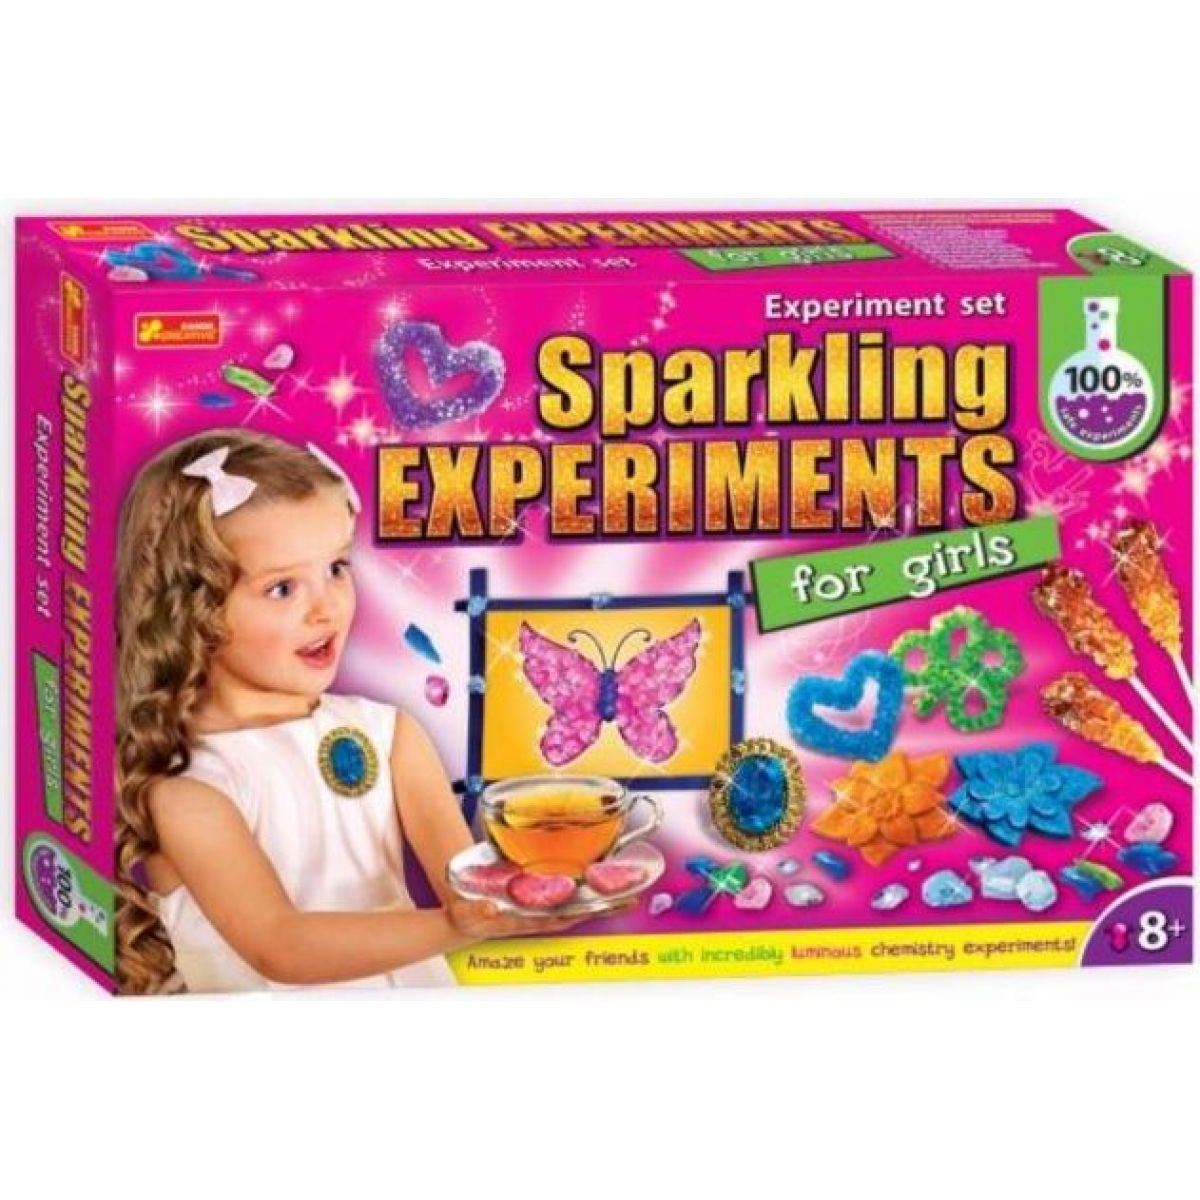 Zářivé experimenty pro dívky